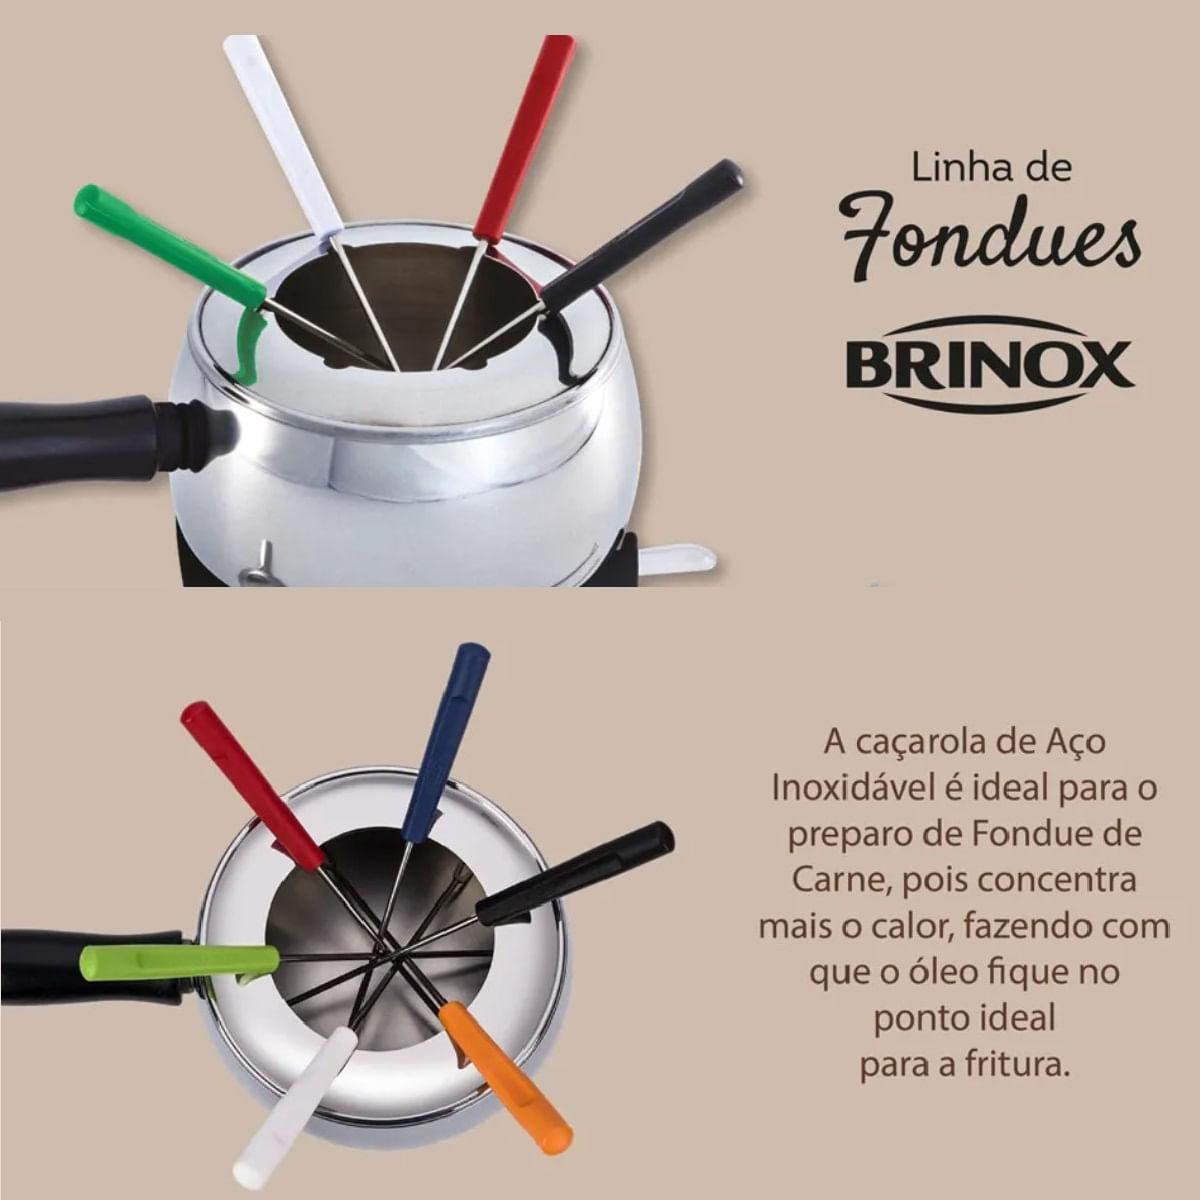 Aparelho de Fondue em Aço Inox - Brinox (18 Peças)